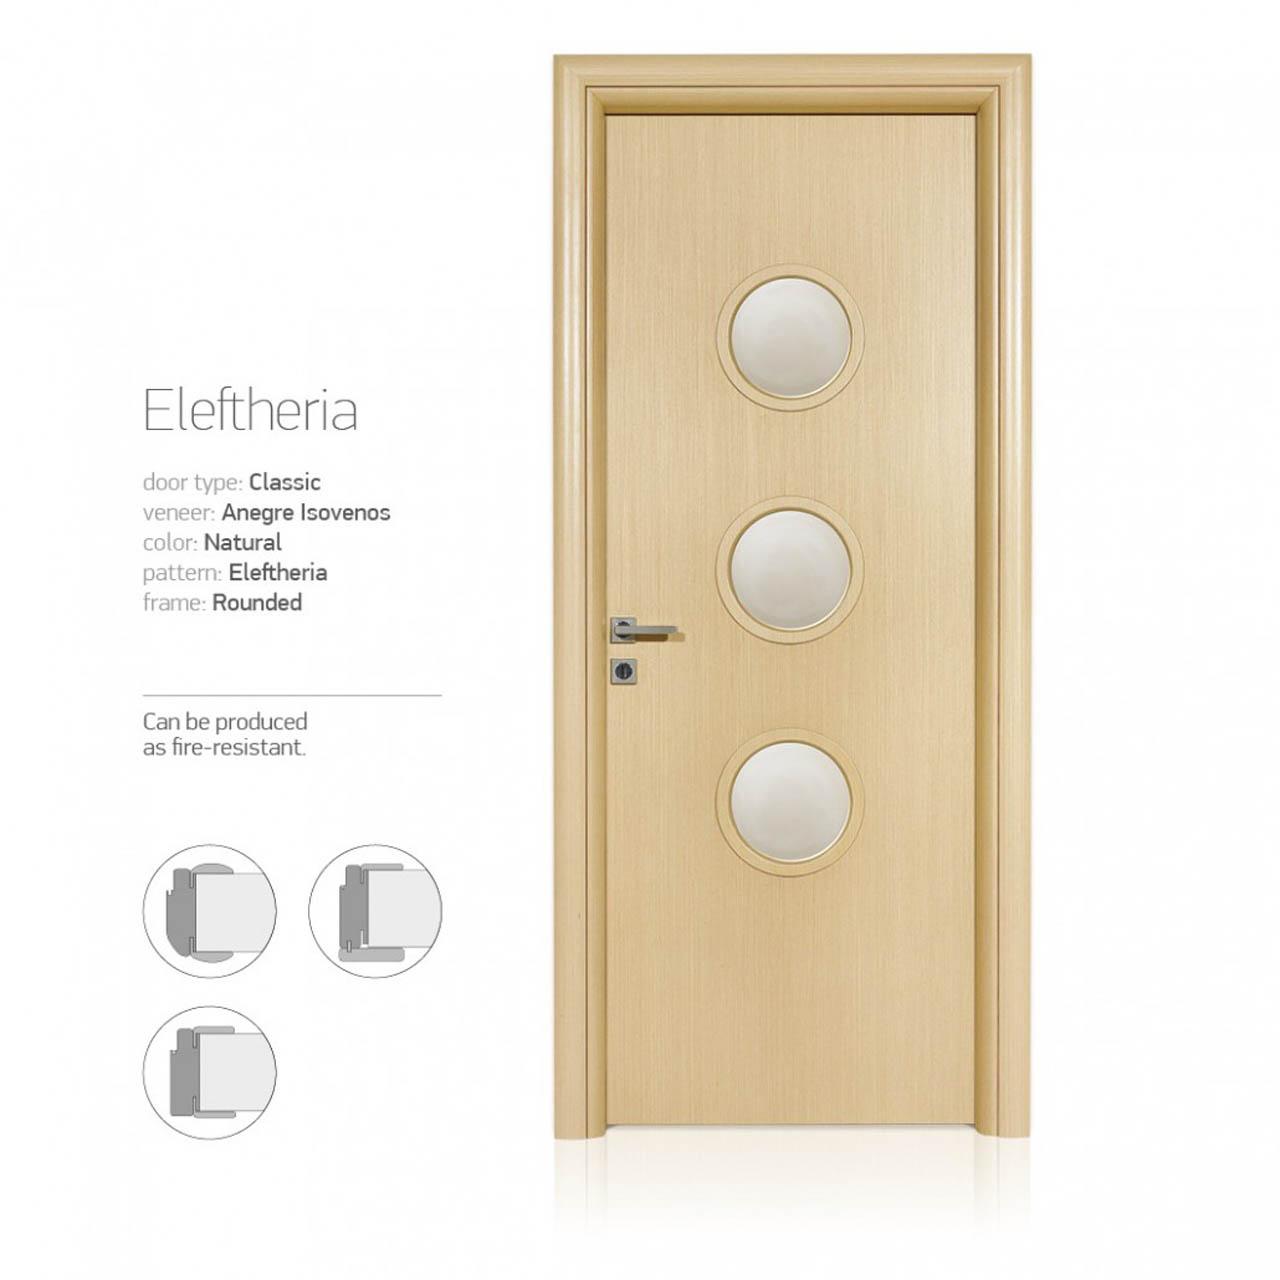 portes-site-classic-eng5-1030x1030